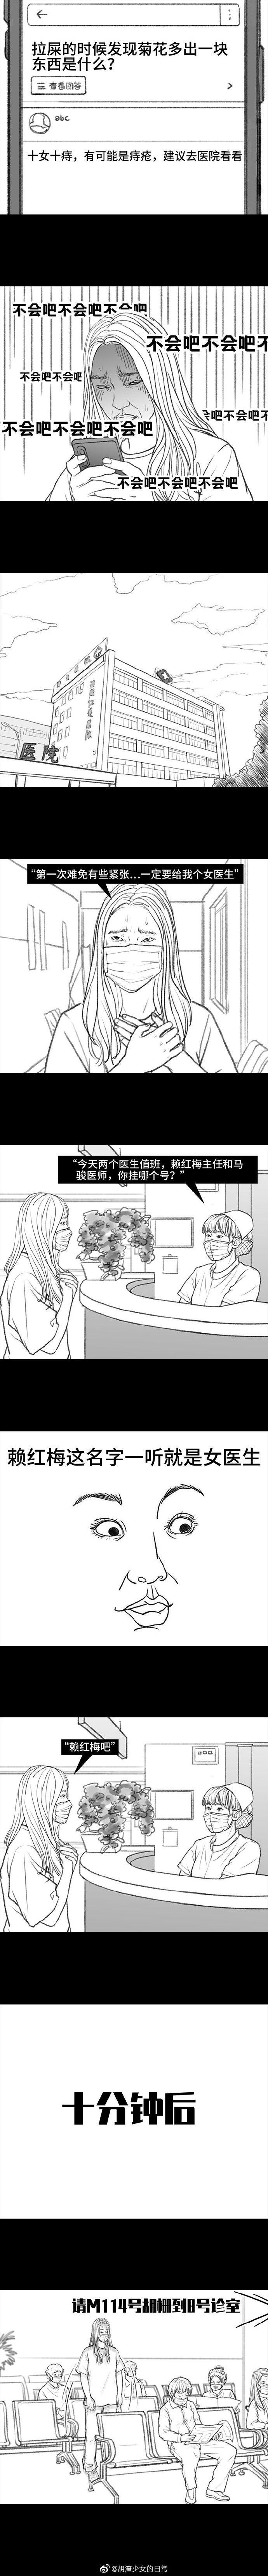 """揭秘妙龄少女""""痔疮手术""""全过程 """